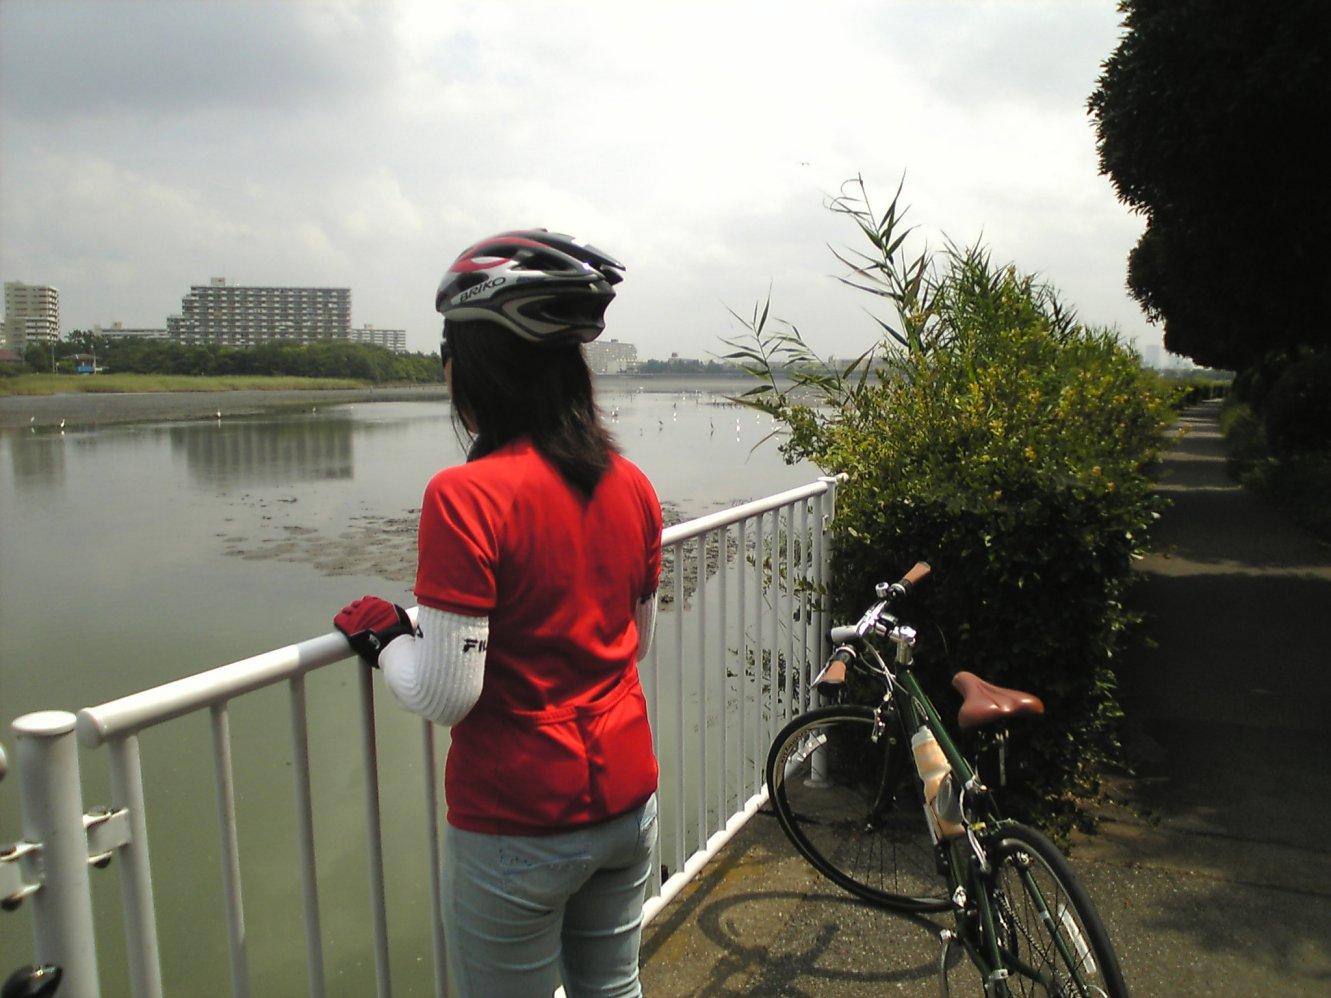 自転車の 自転車 カロリー : ... 消費カロリー<摂取カロリー